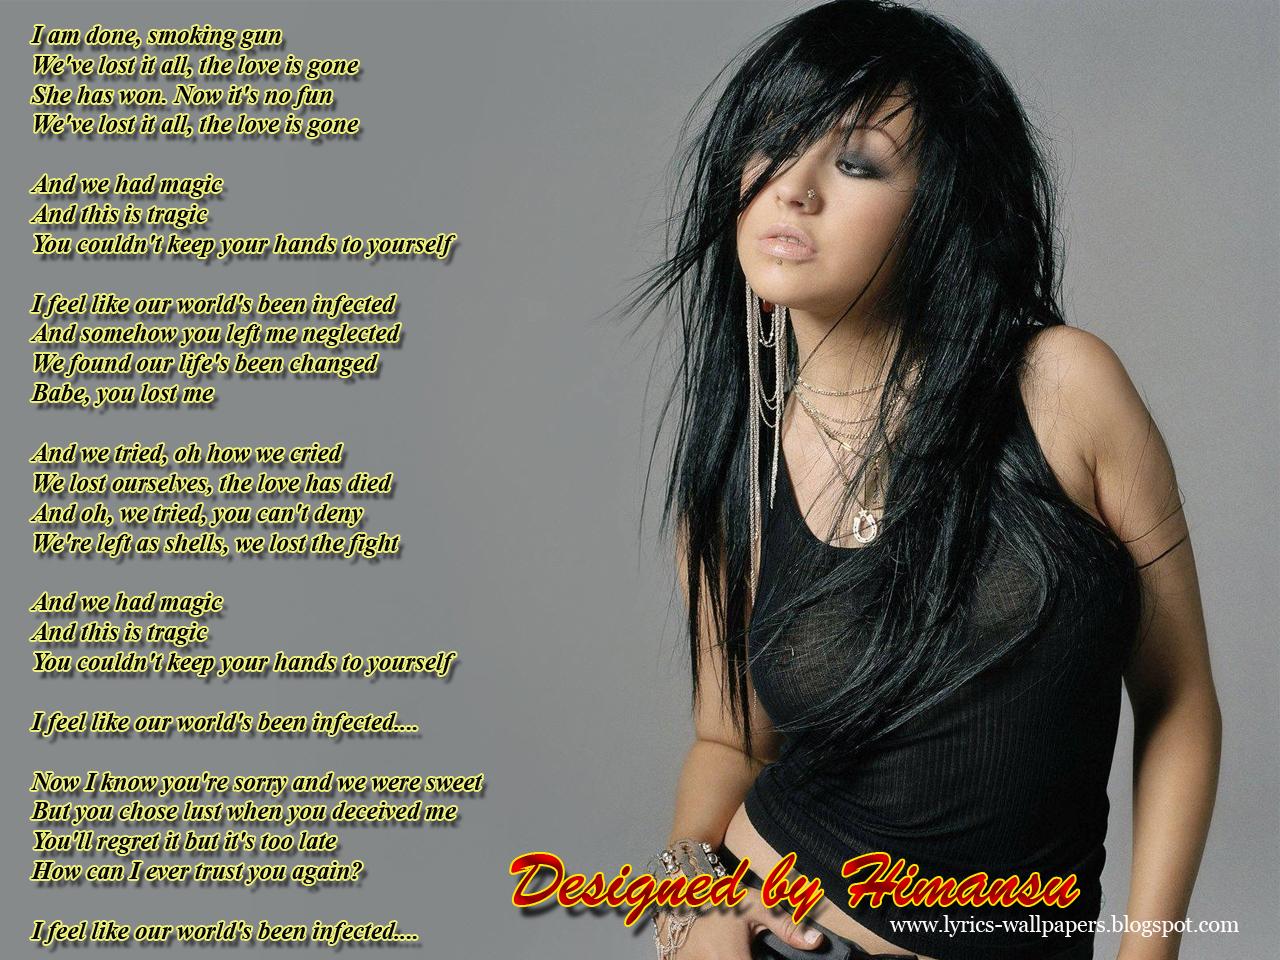 http://2.bp.blogspot.com/-jBLtmSYmYeg/UItkovRUqYI/AAAAAAAAARU/mYQoTqo-n0k/s1600/you+lost+me.jpg